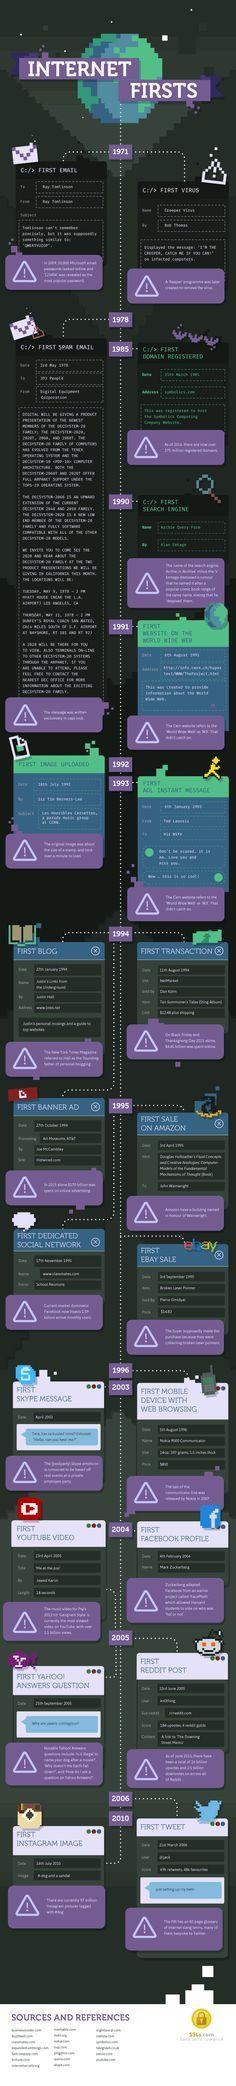 Die ersten Male im Internet: Von der ersten E-Mail 1971 bis zum ersten Instagram-Foto 2010